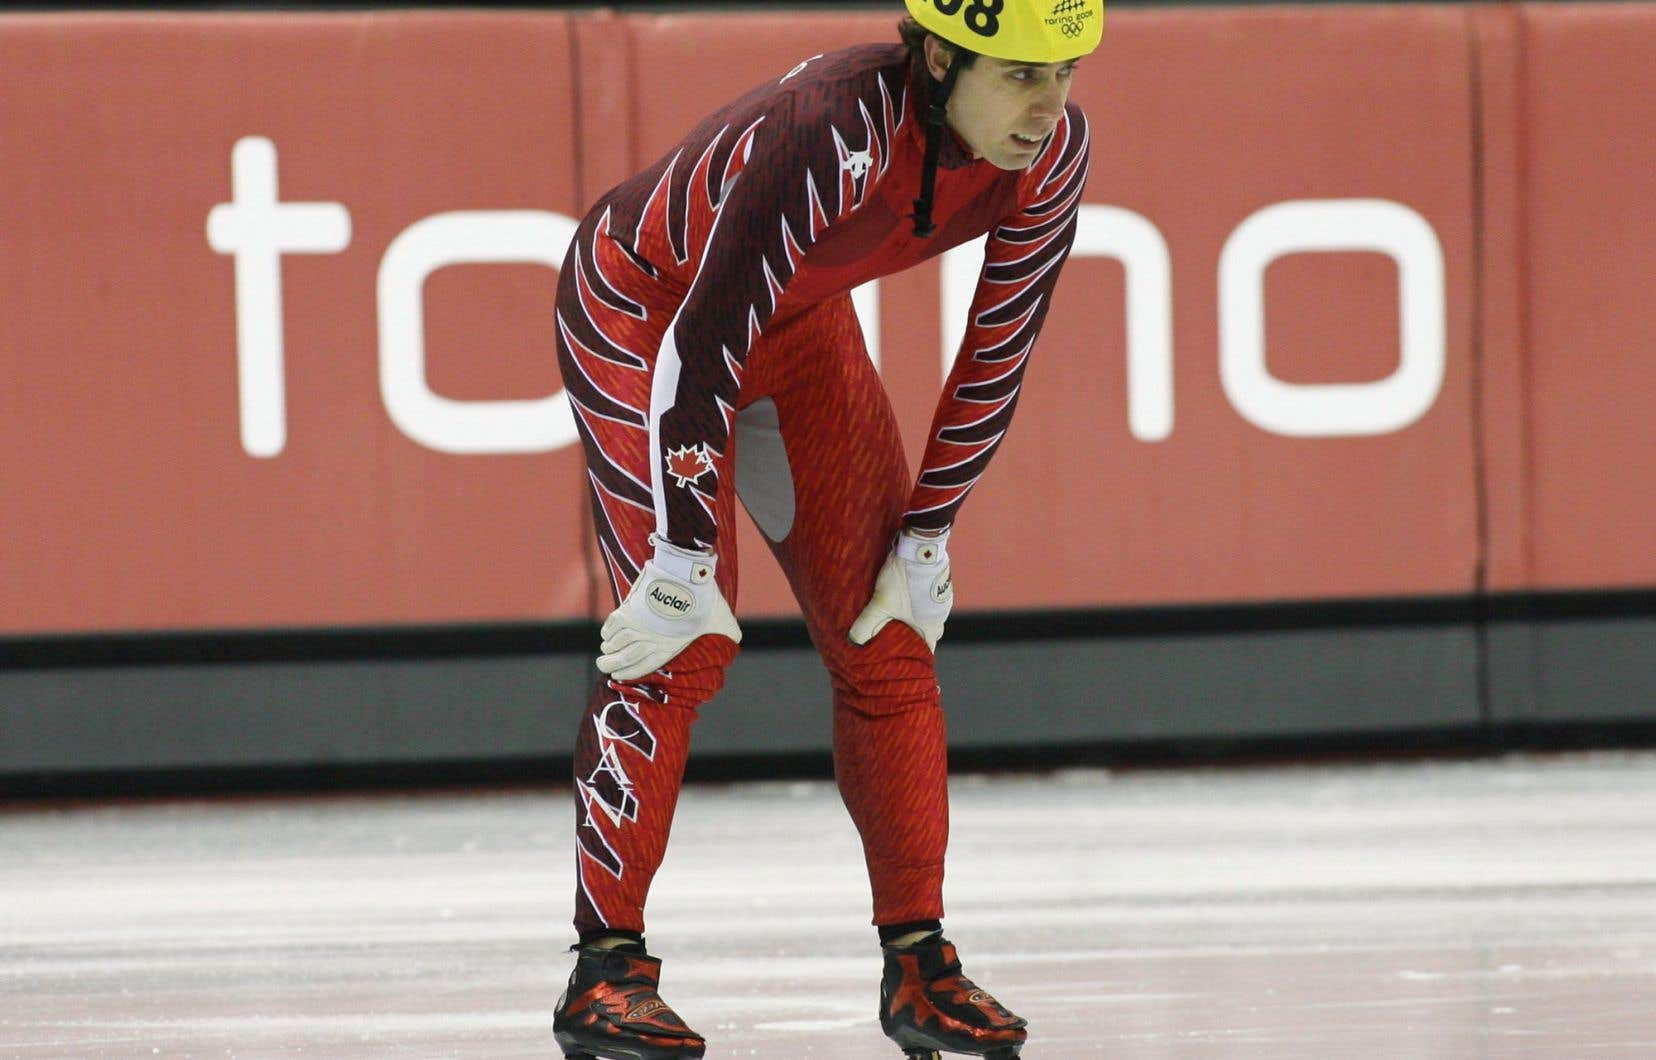 Après avoir remporté quatre médailles en trois Jeux olympiques en tant qu'athlète, Bédard a été l'entraîneur en chef de l'équipe sur courte piste de l'Allemagne pour les Jeux de Vancouver en 2010